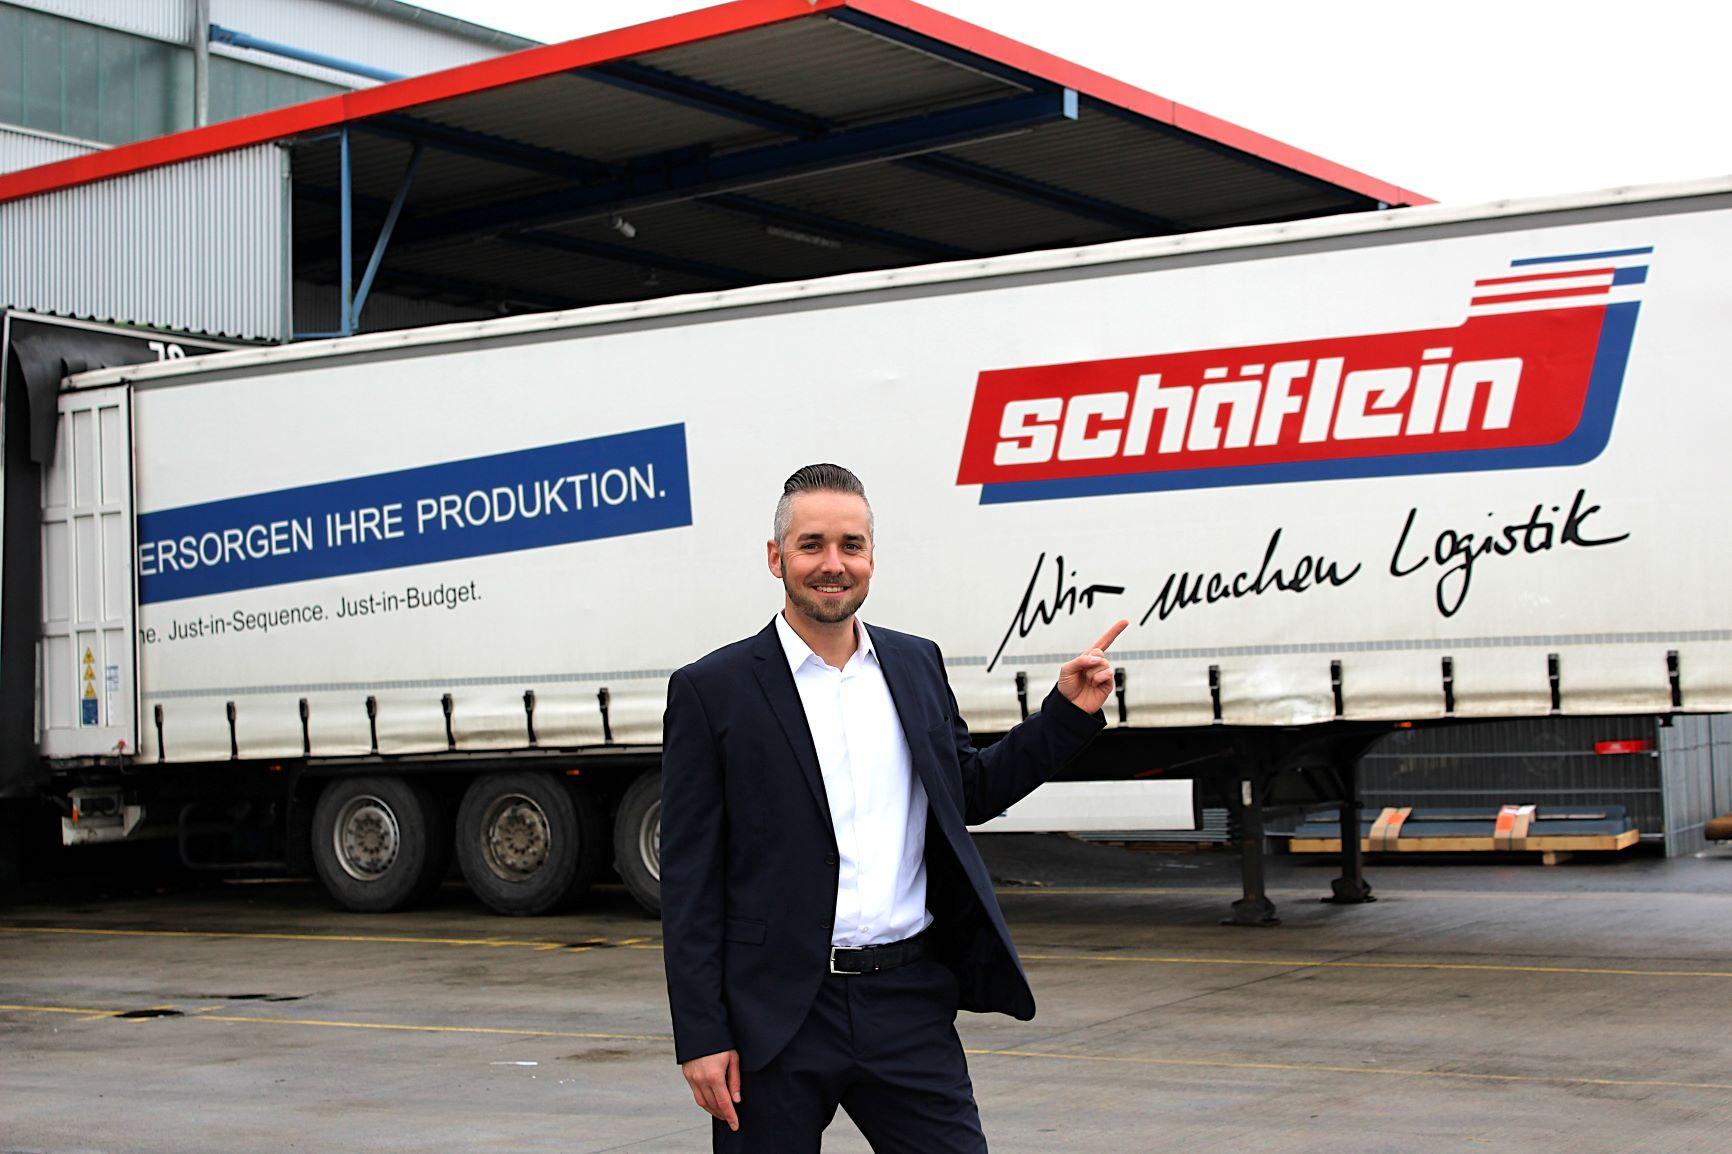 Mit dem neuen Schäflein Premiumservice Europa Express kommen eilige Stückguttransporte in Europa ans Ziel